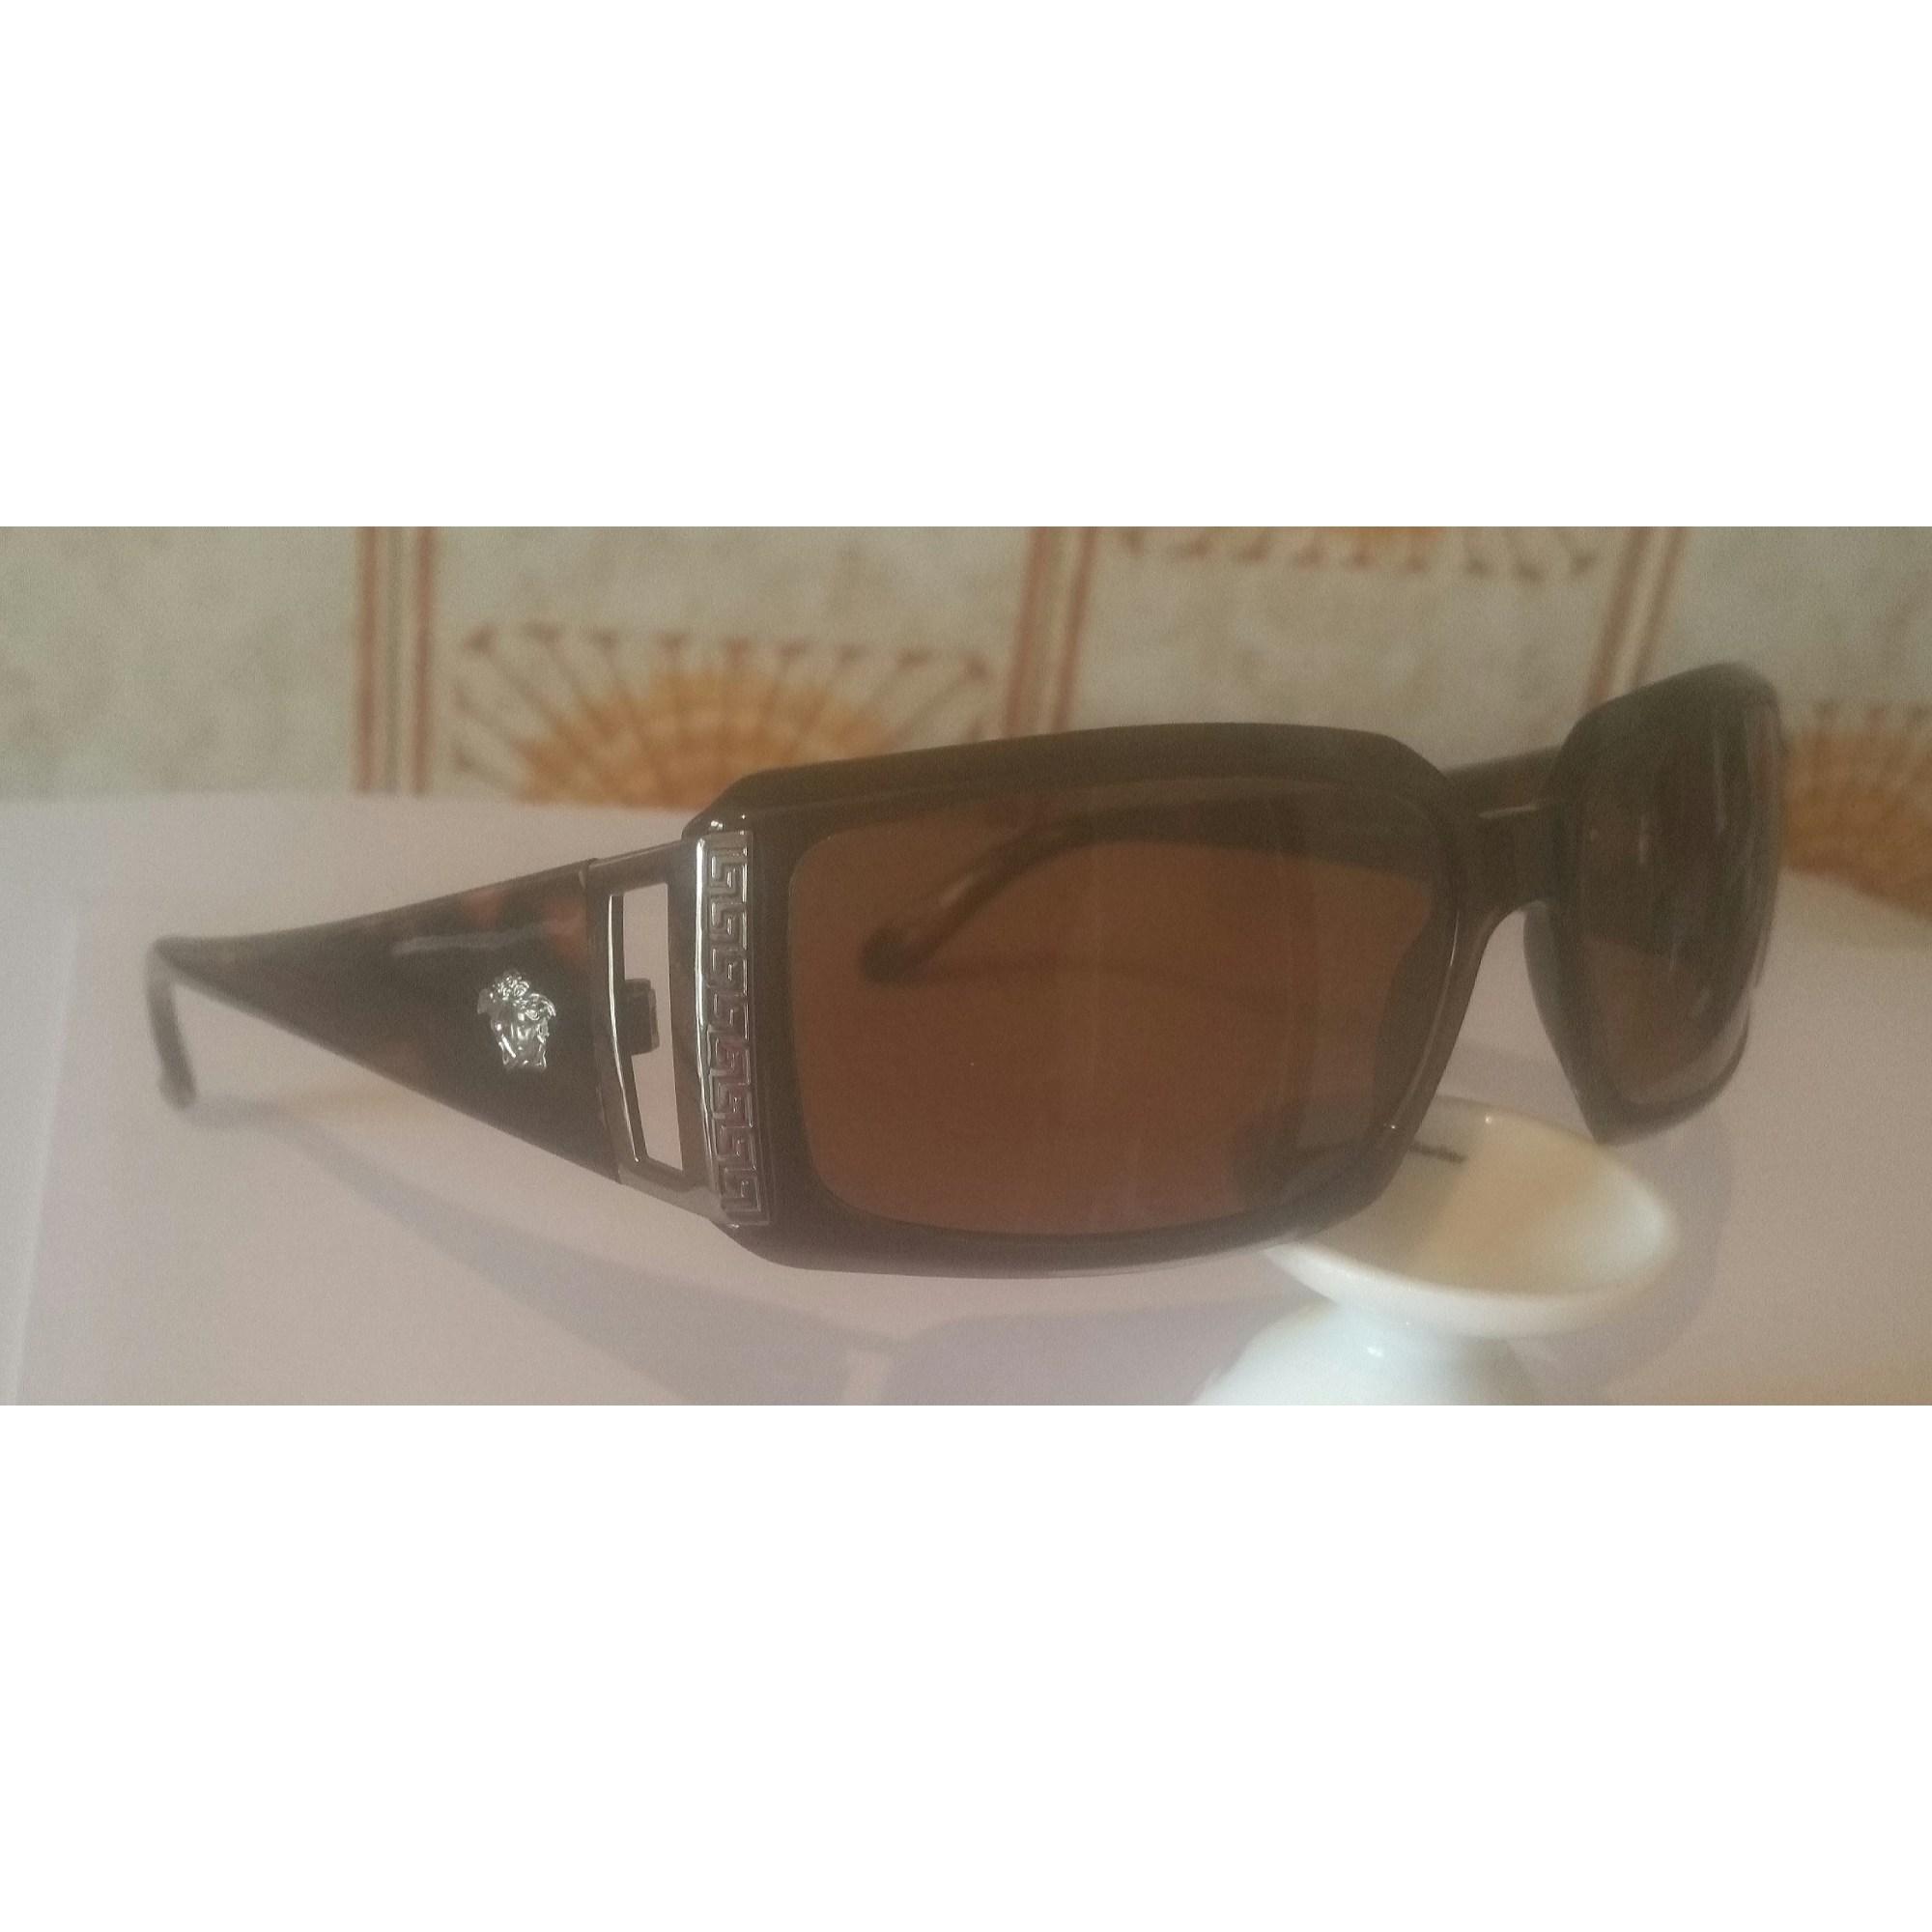 6761126a95 Lunettes de soleil VERSACE marron vendu par Nivolas optique - 7408698